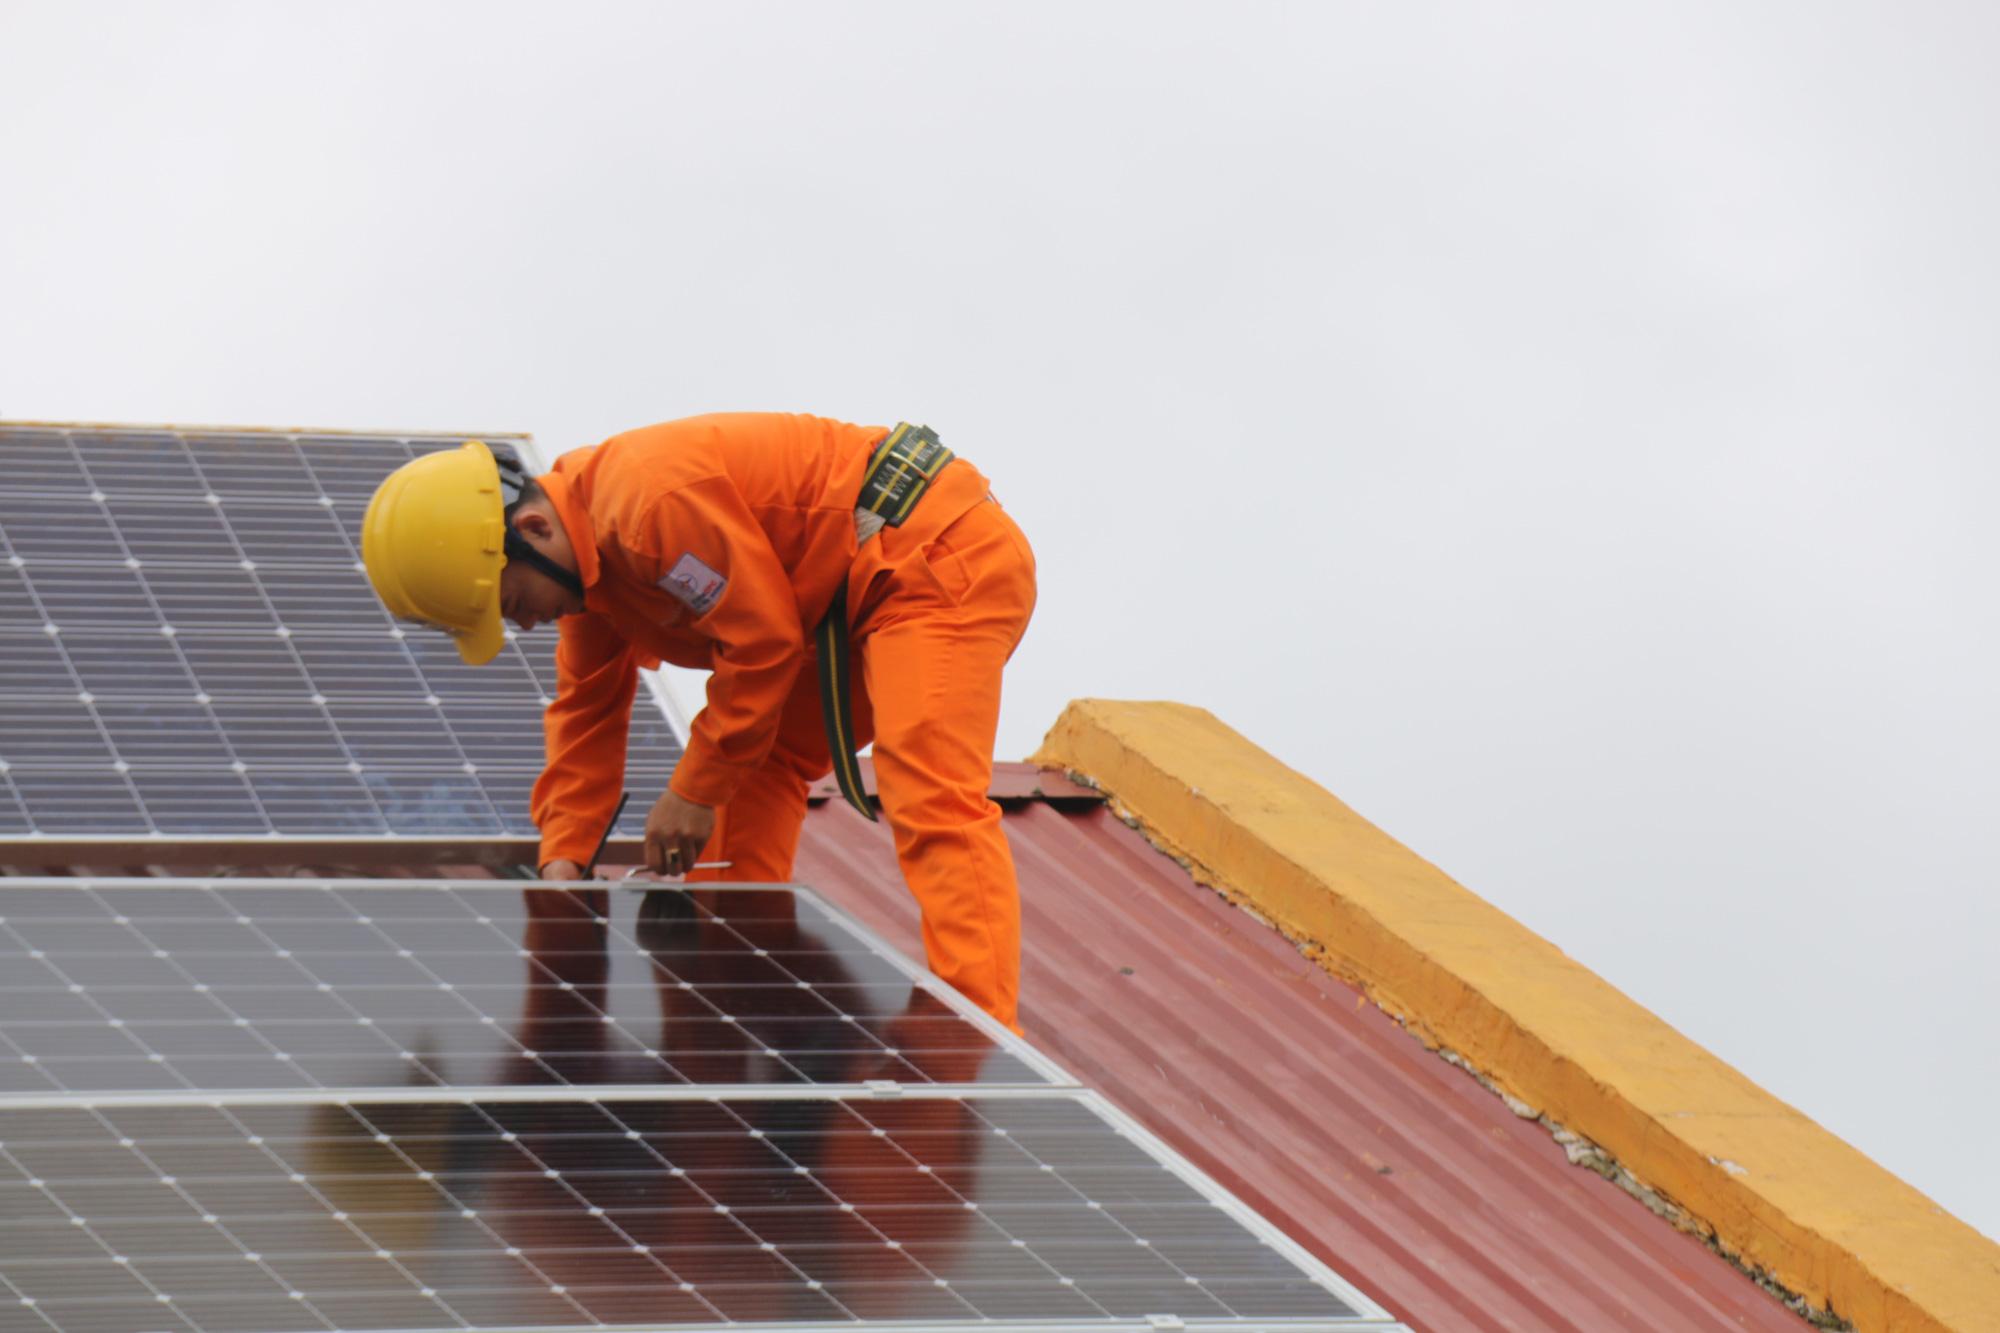 Đắk Nông: Tạo điều kiện tối đa cho khách hàng lắp đặt điện mặt trời - Ảnh 3.